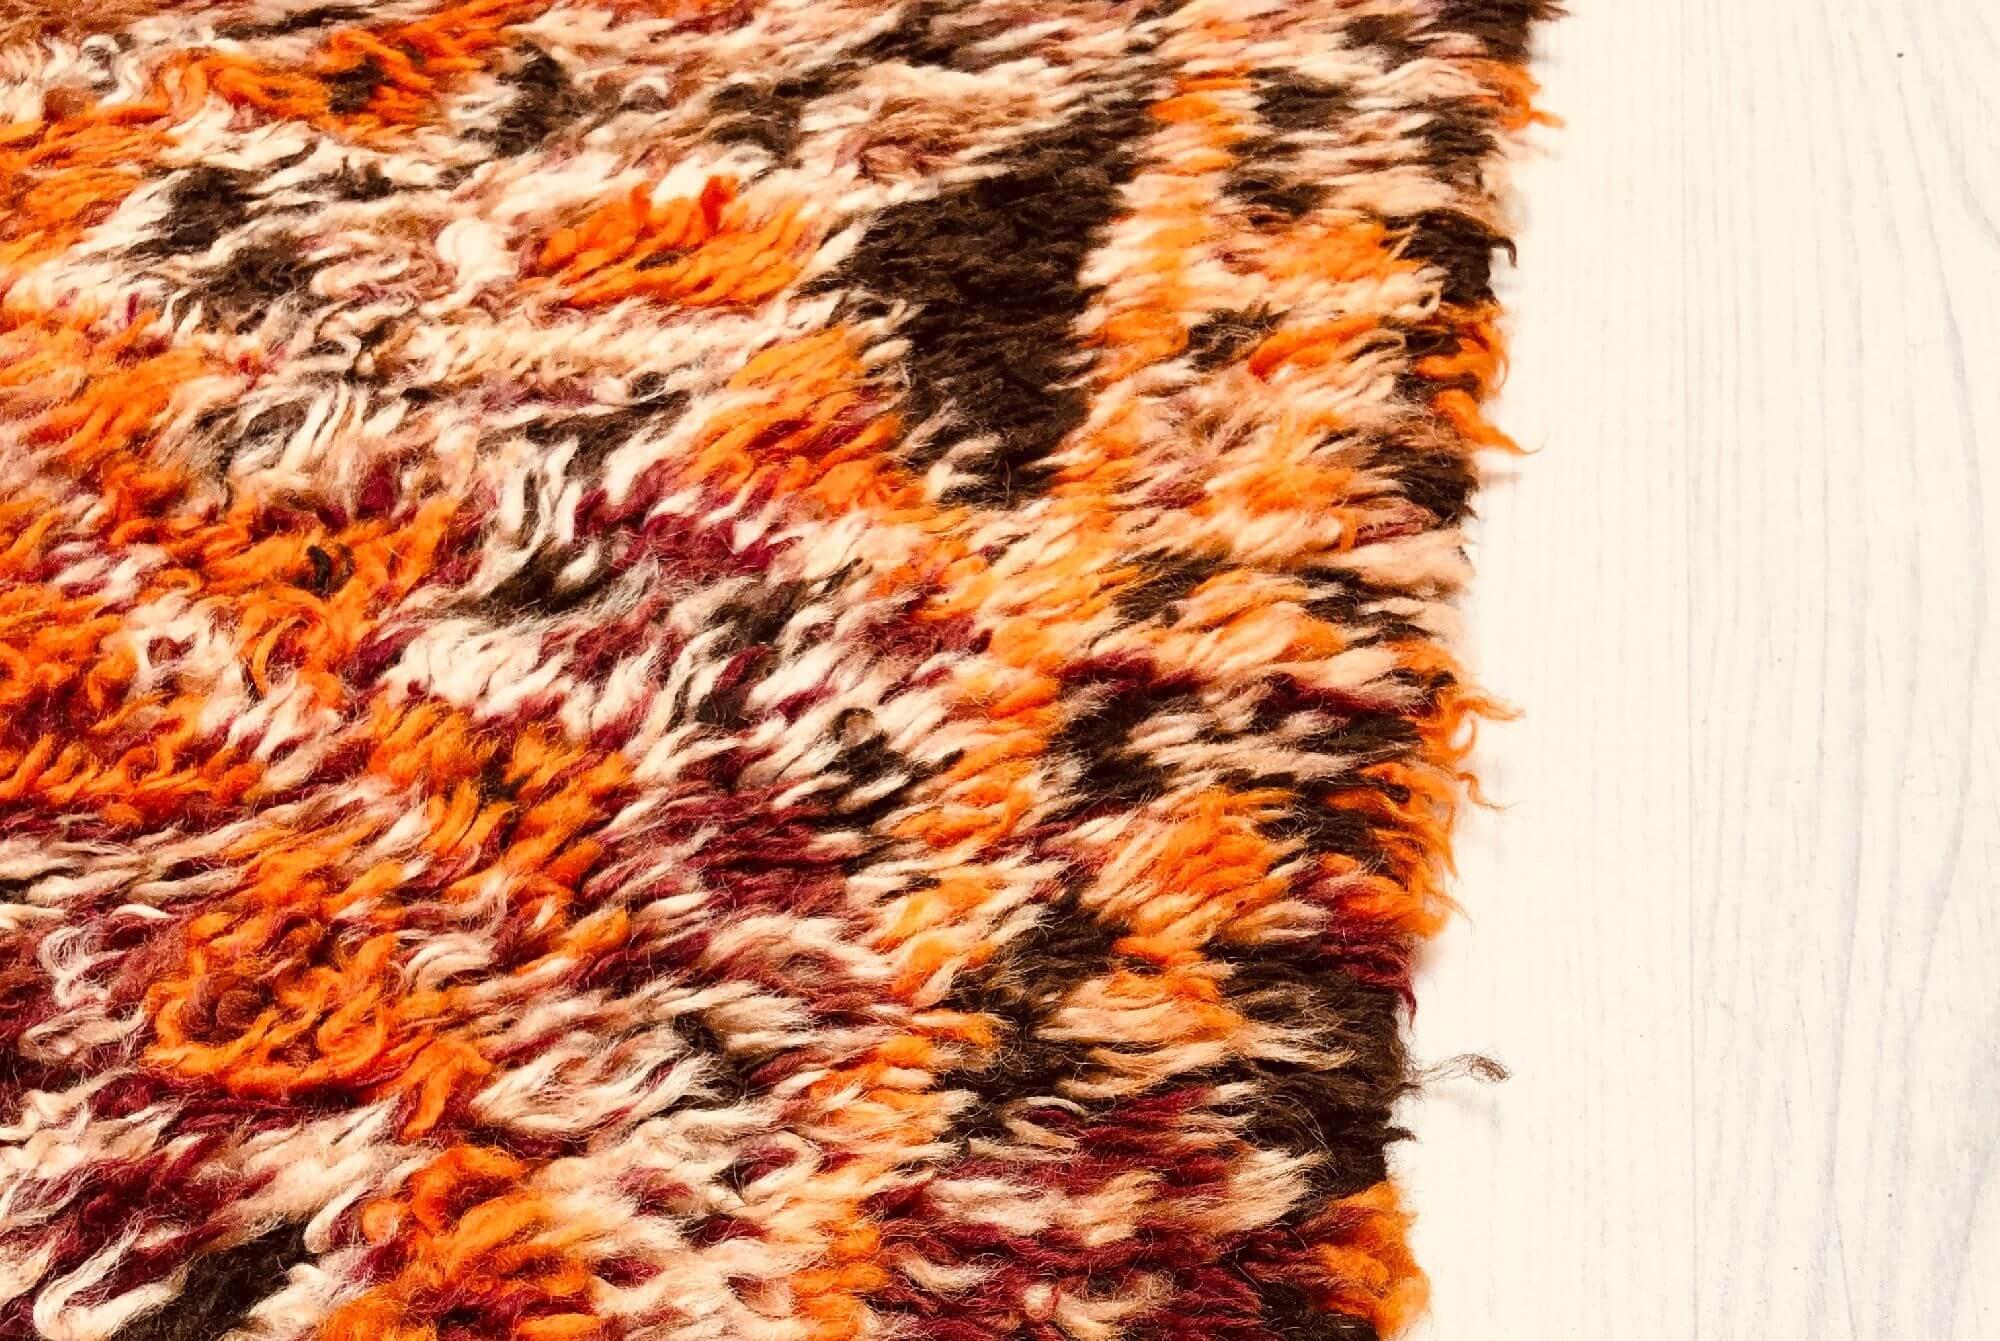 Vintage Rug Orange Purple and Brown